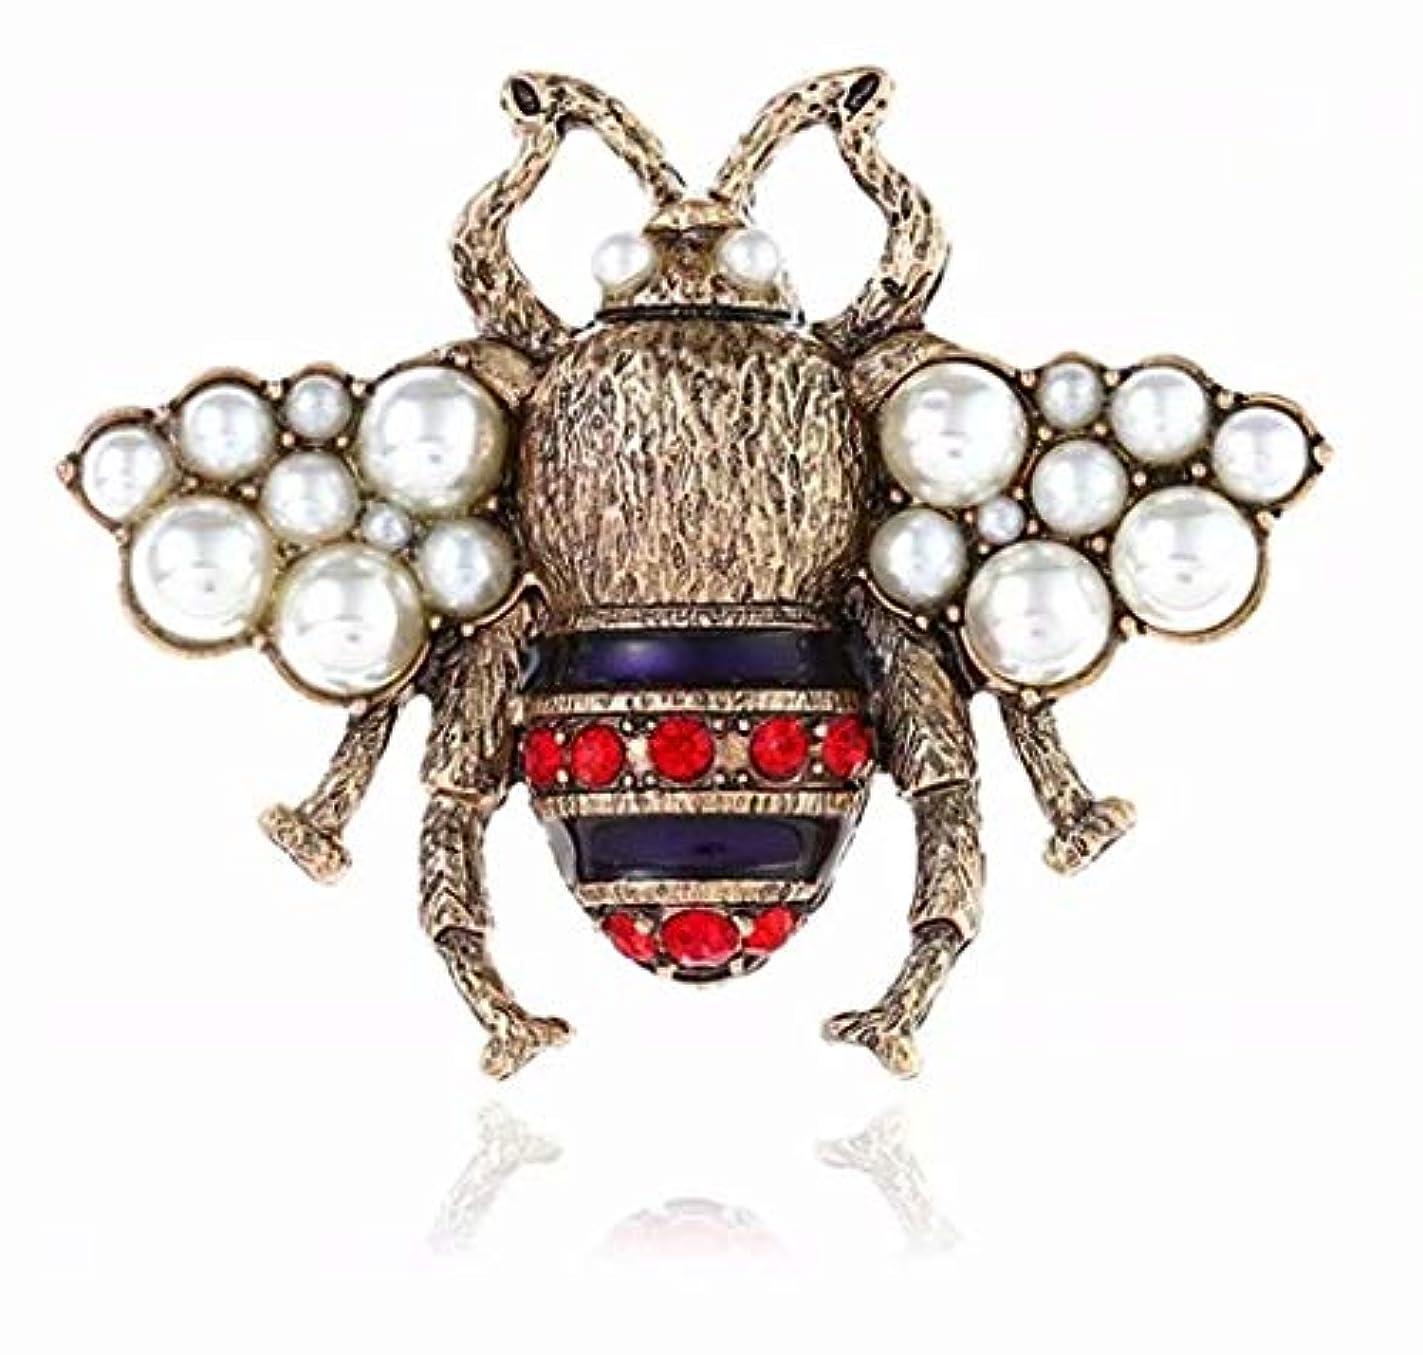 持参定刻協定七里の香 ヴィンテージ メタル クリスタル ラインストーン 昆虫蜂蜜ブローチ ブローチピン